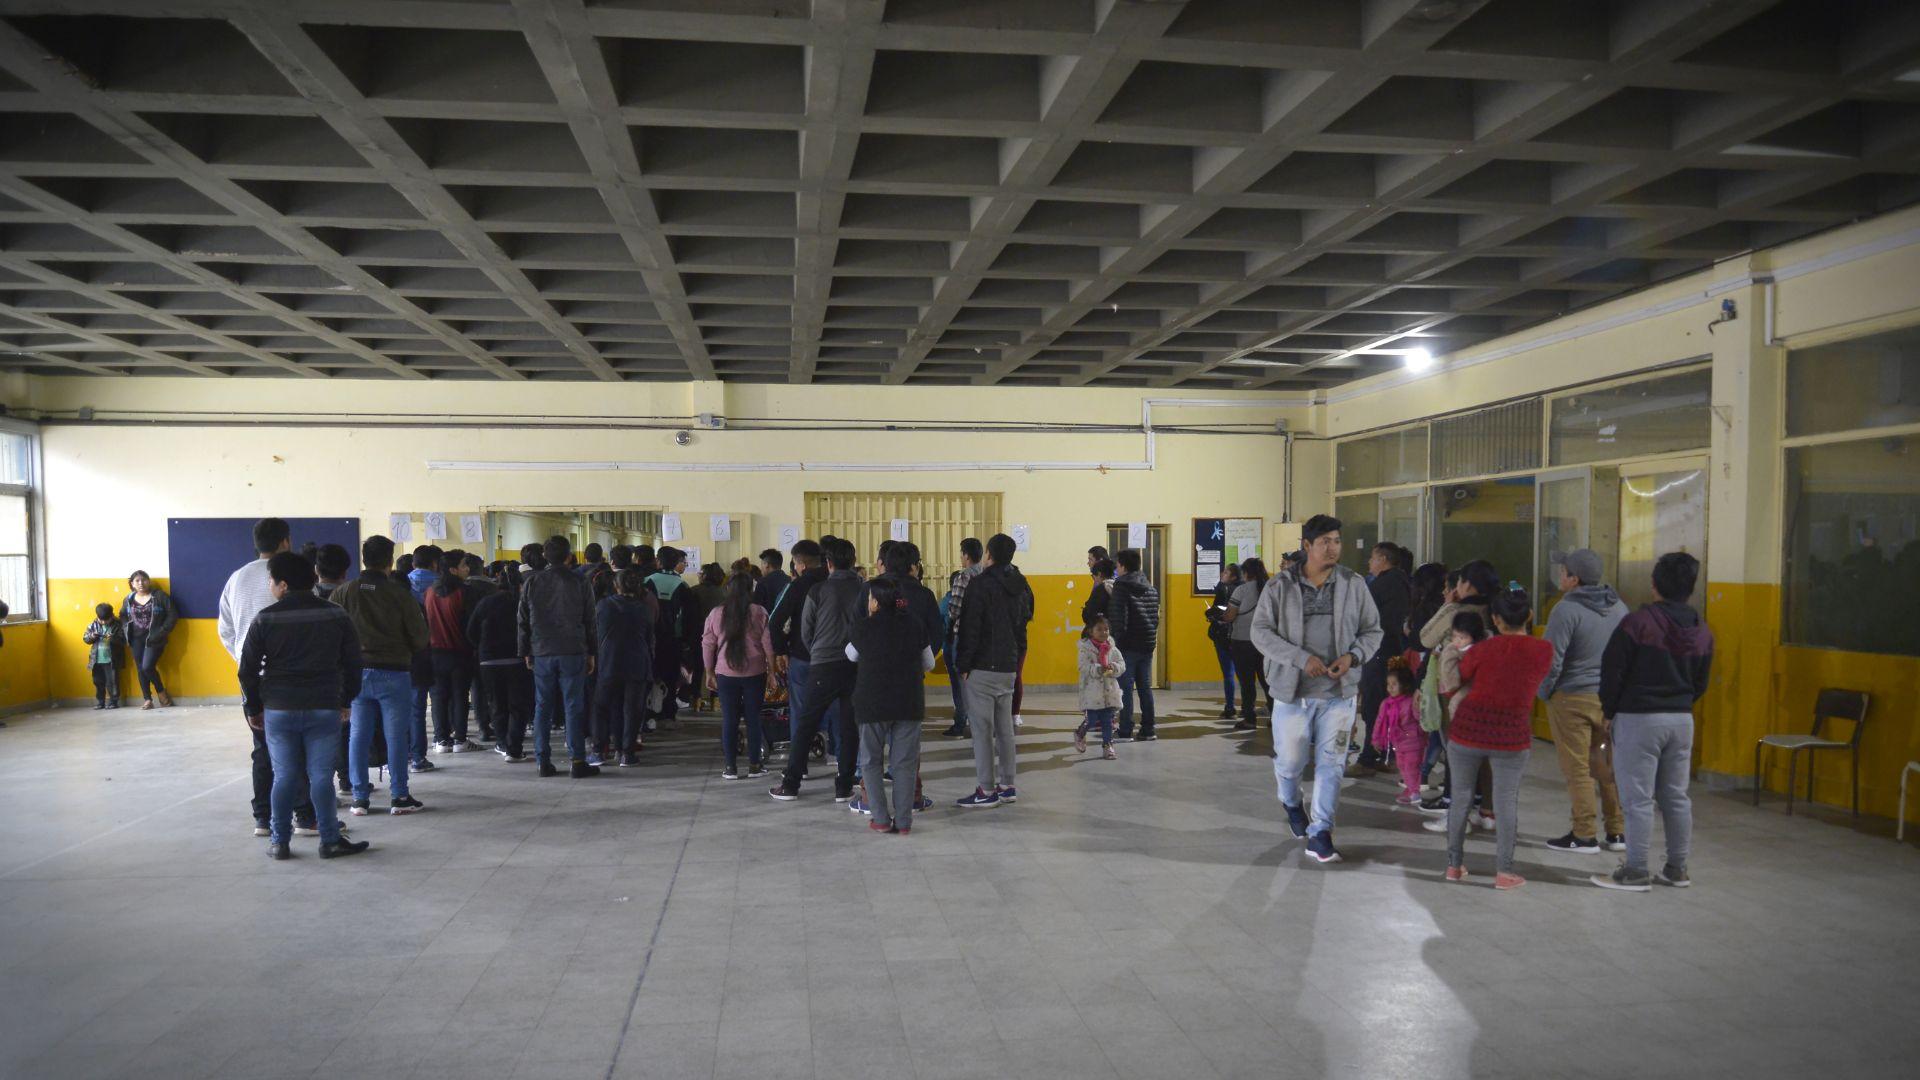 También compiten en la elección el ex vicepresidente Víctor Hugo Cárdenas, por el partido UCS, el actual gobernador del departamento de La Paz, Félix Patzi, por el MST, y el senador opositor Oscar Ortiz, de la alianza Bolivia Dice No